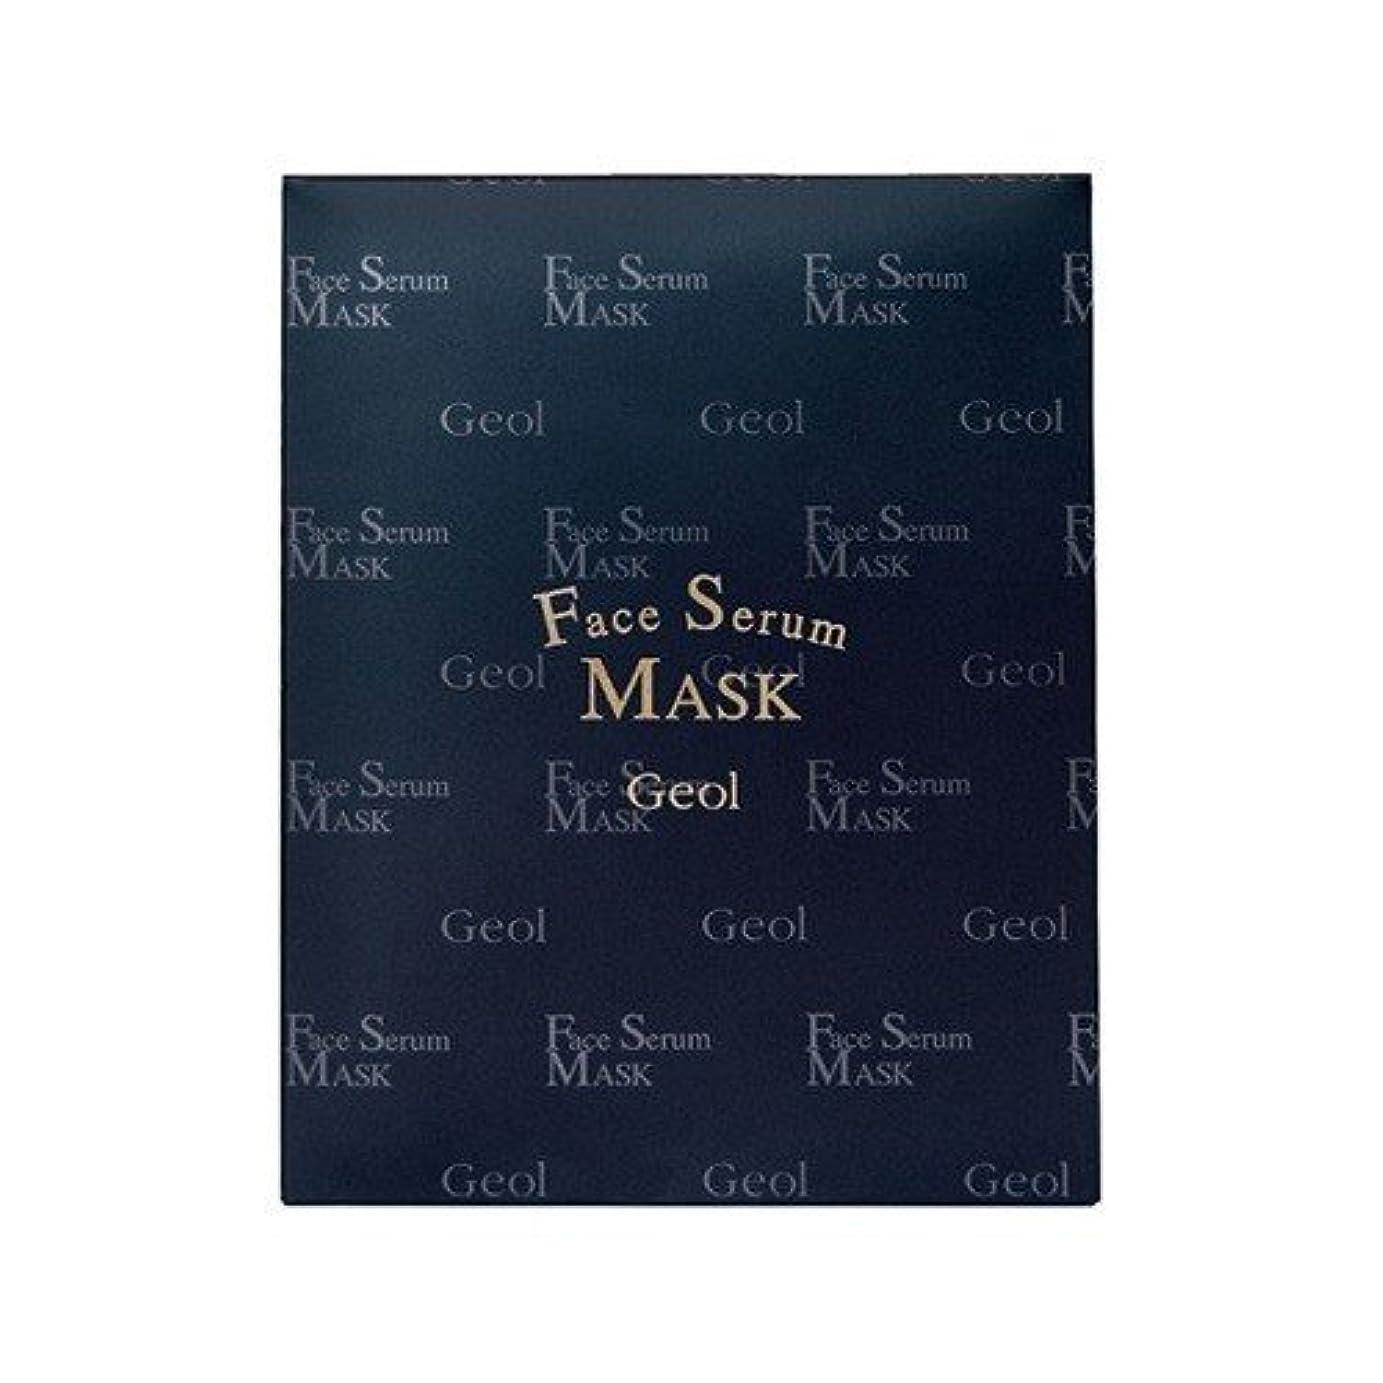 月曜本を読む車両ゲオール フェイス セラム マスク シート状マスク